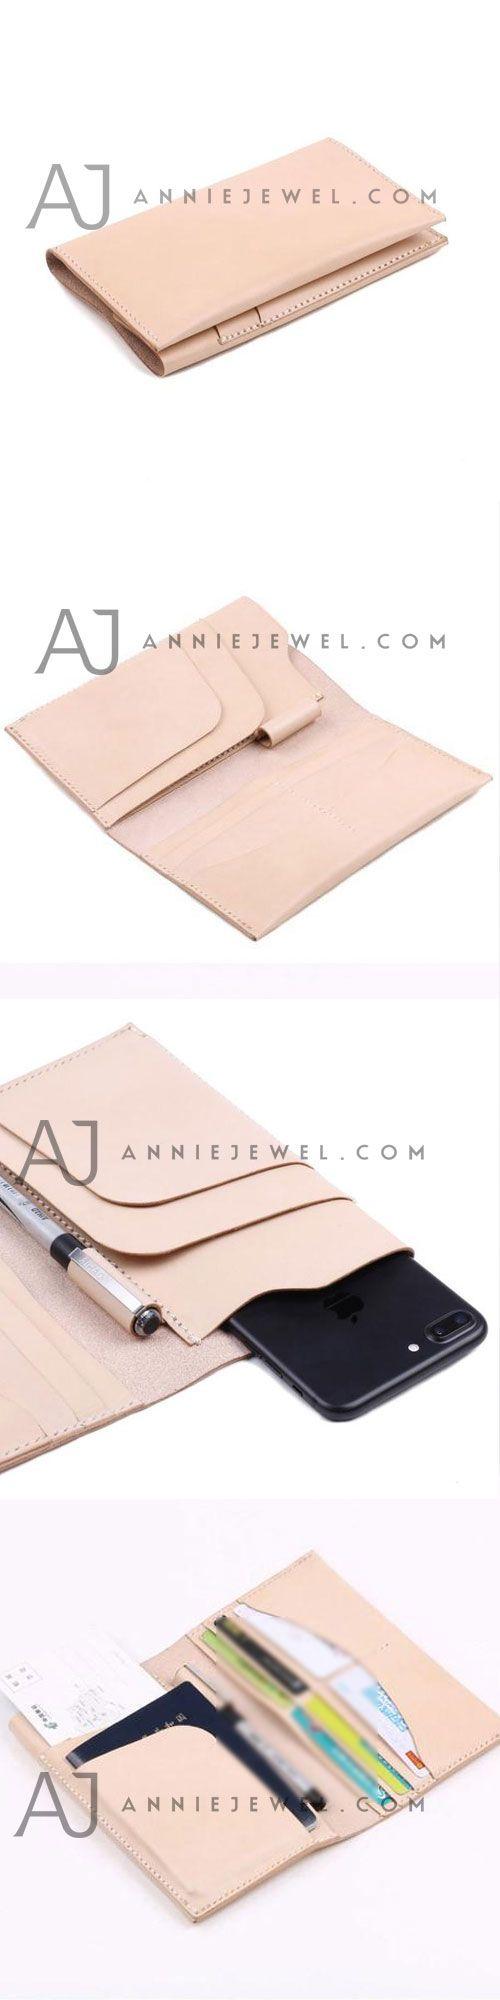 Handmade leather passport women long wallet clutch phone purse wallet